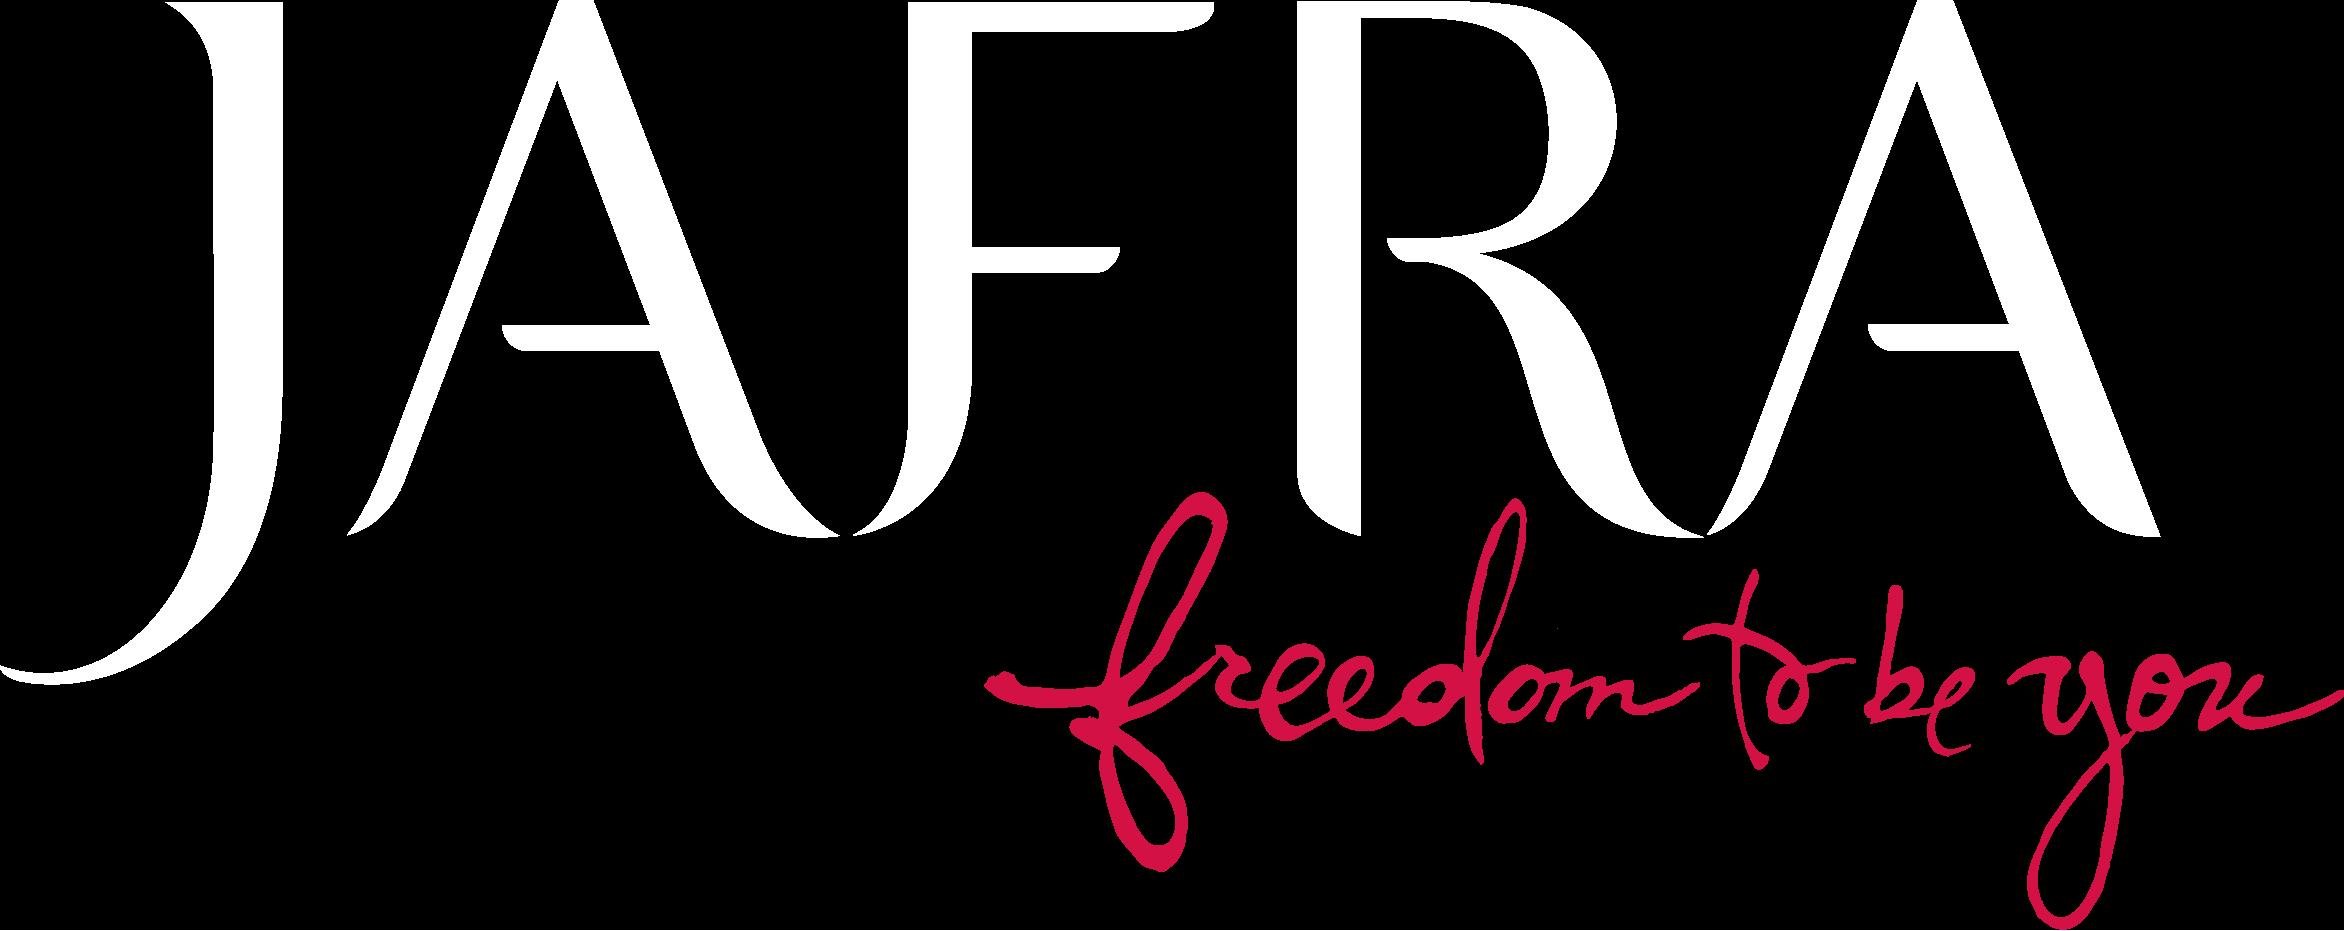 Jafra logo png 1 » PNG Image.